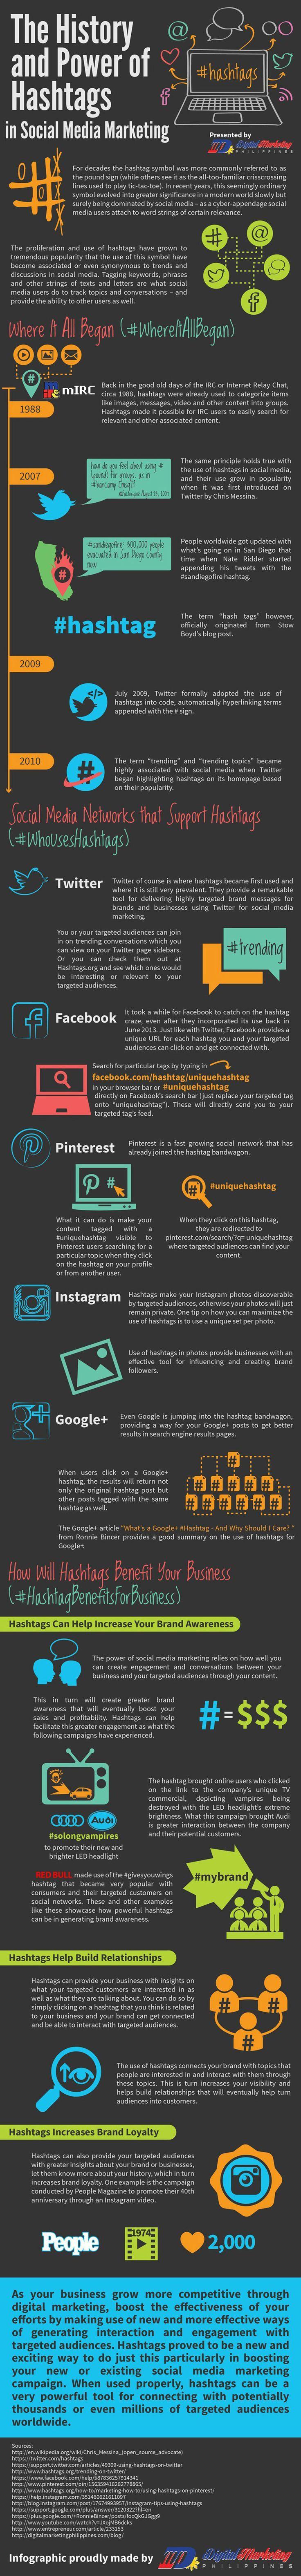 Kleine Geschichtsstunde in Sachen #Hashtags gefällig? Ihre Entwicklung und deren Bedeutung für das #SocialMediaMarketing gibt es für euch als spannende Infografik in unserem Blog.